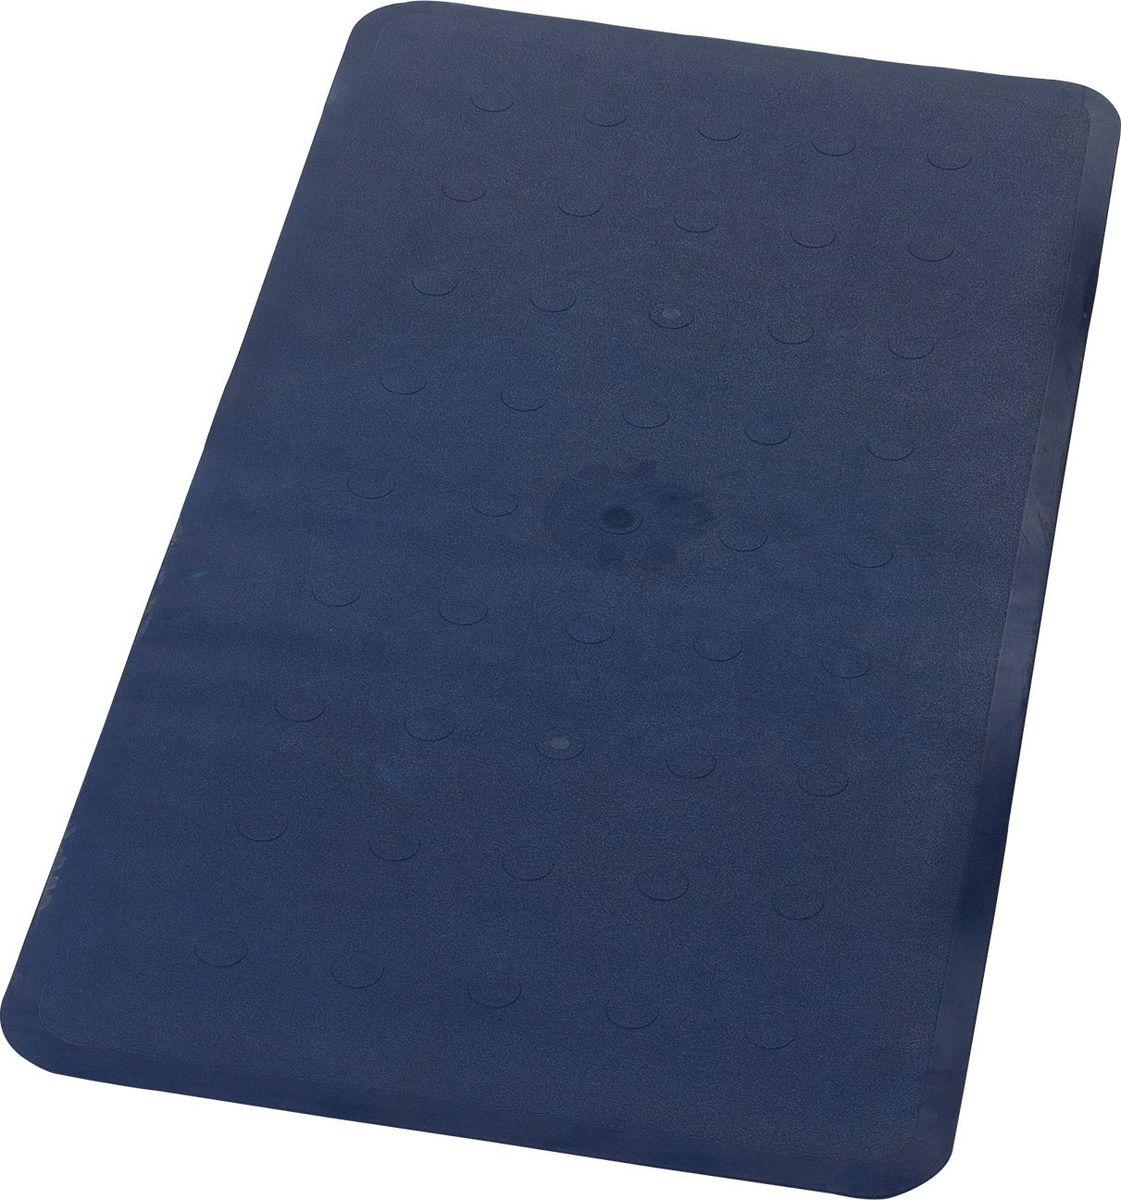 Коврик для ванной Ridder Basic, противоскользящий, на присосках, цвет: синий, 36 х 71 см коврик для ванной ridder park противоскользящий на присосках цвет бежевый 54 х 54 см